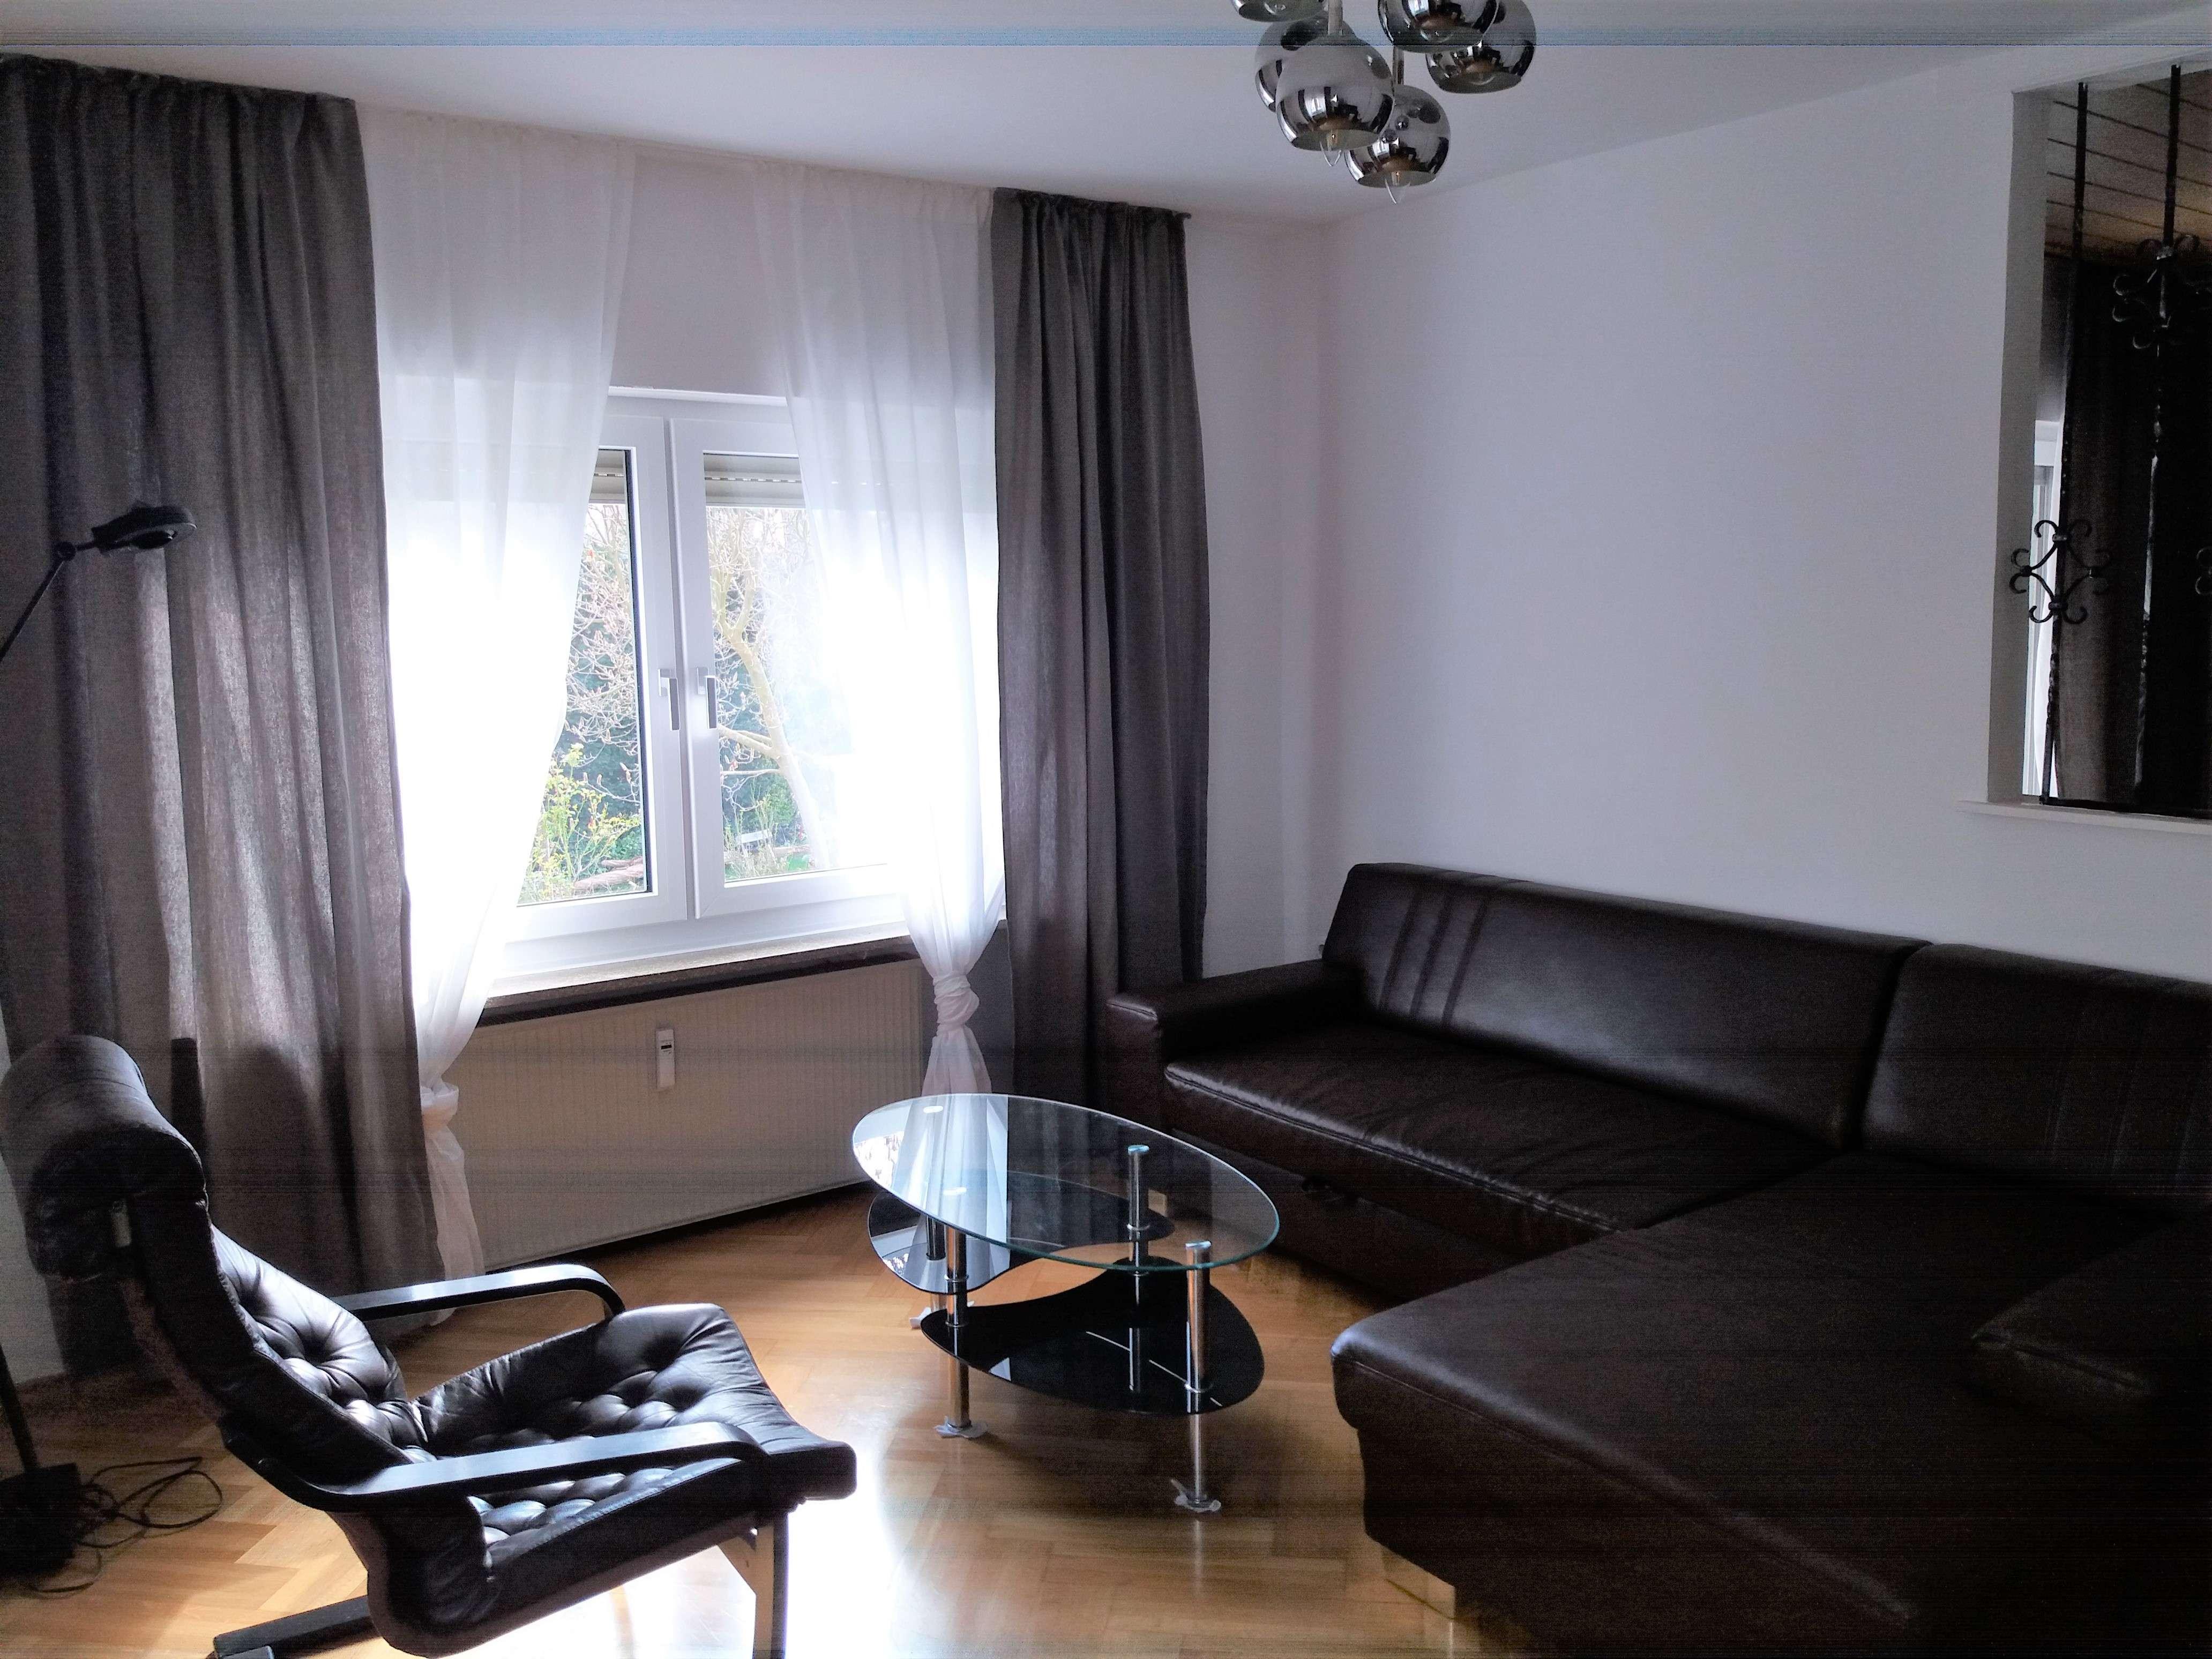 Möblierte, modernisierte 3-Zimmer-Garten-Wohnung in